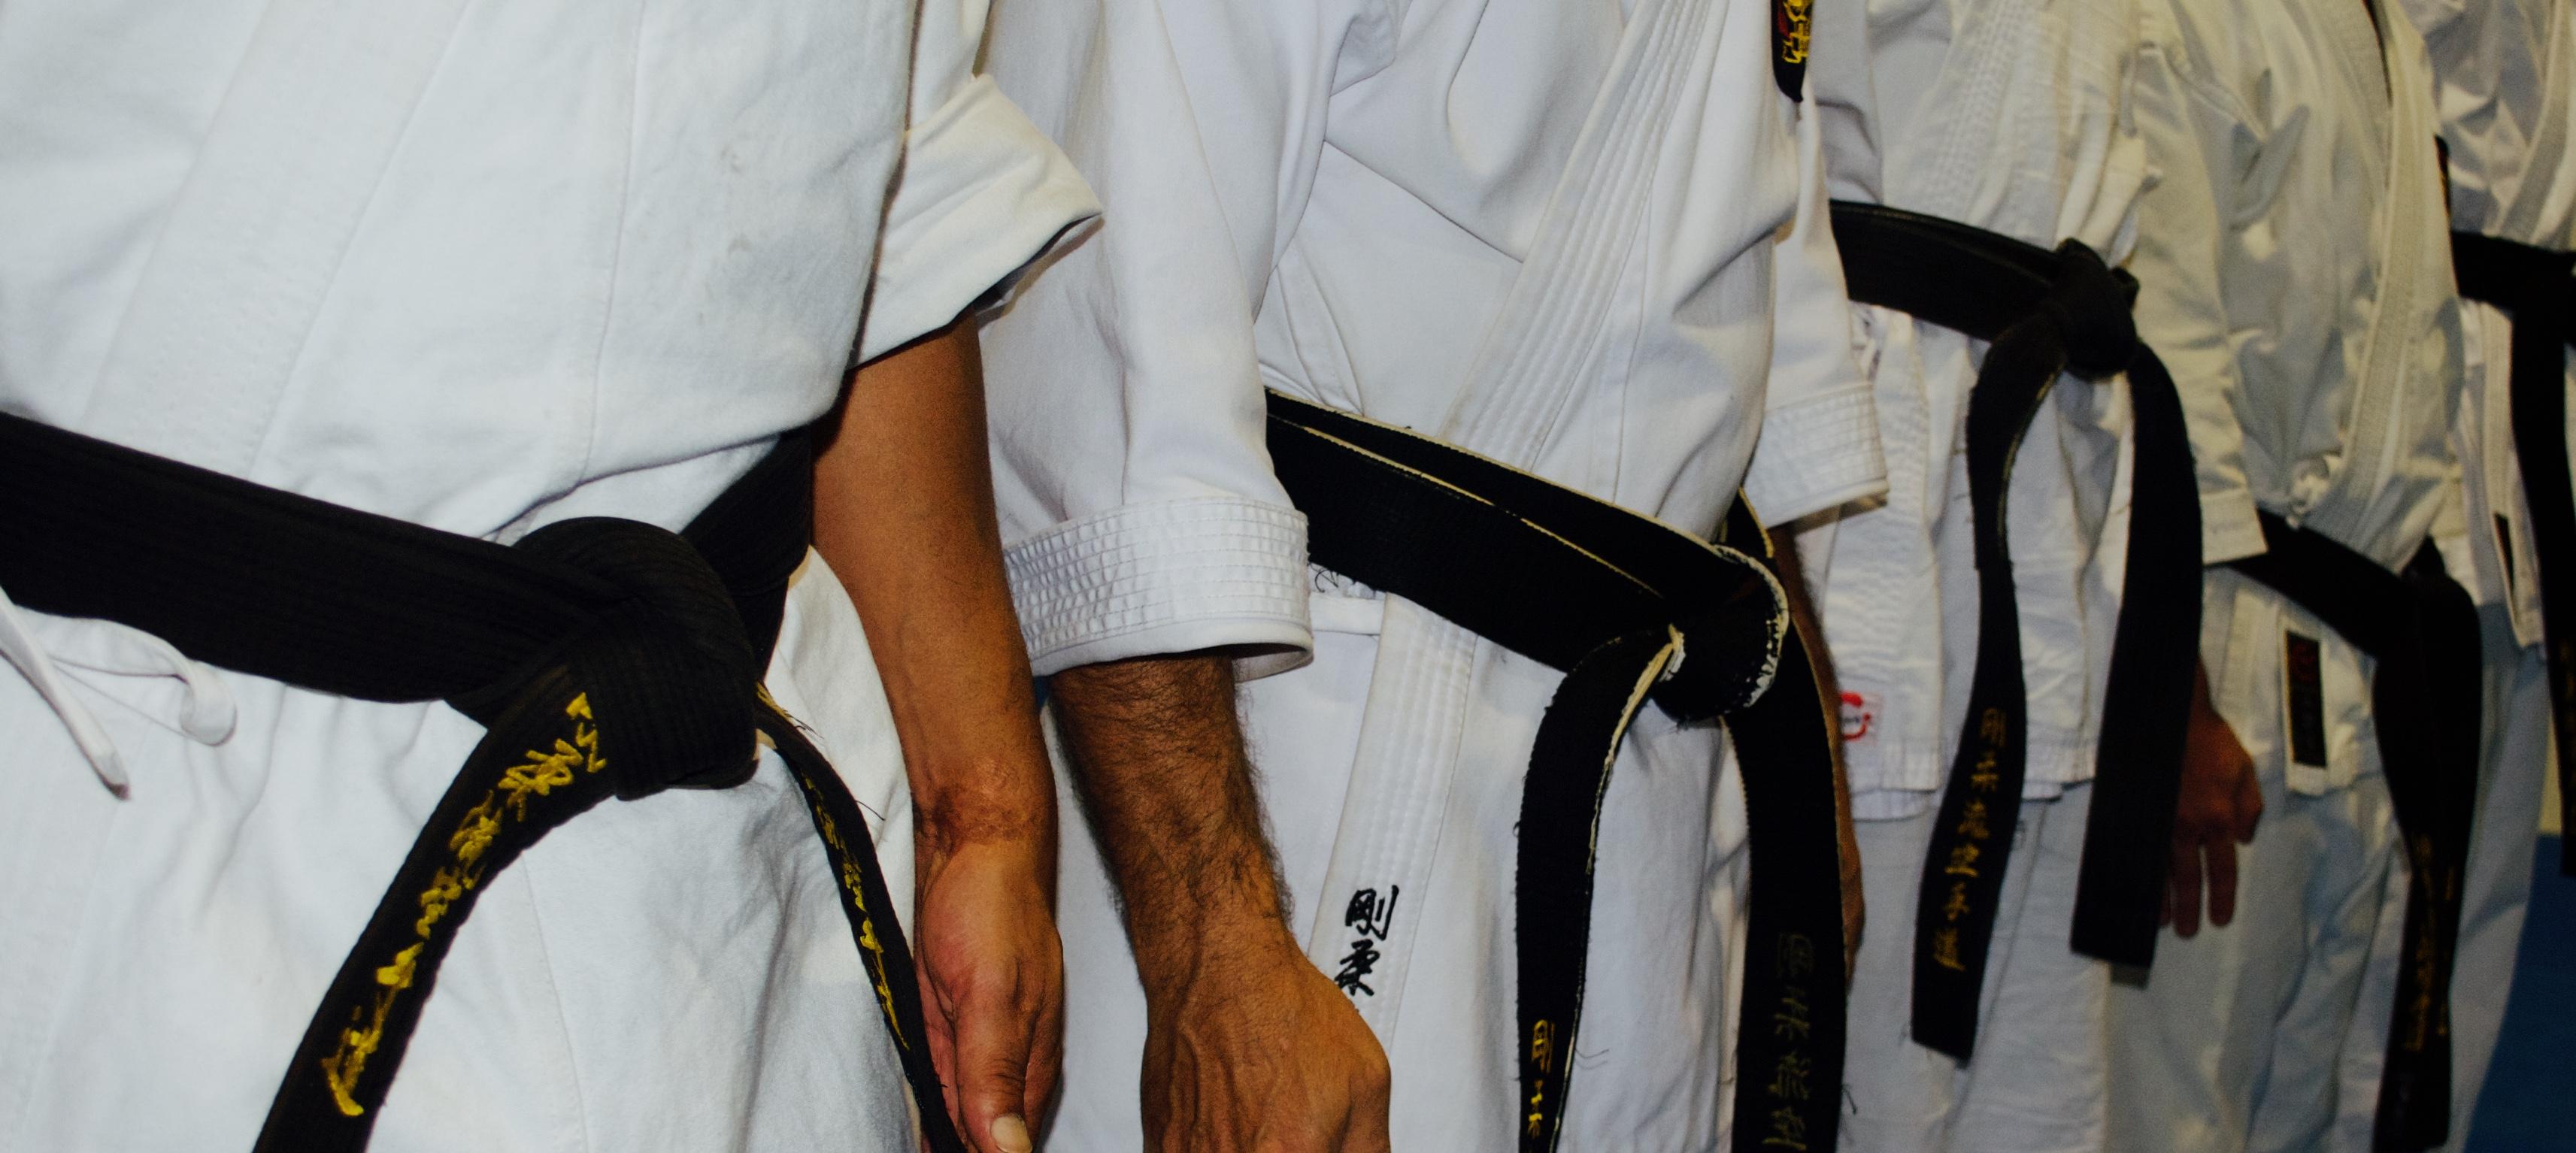 Senior karate training 10